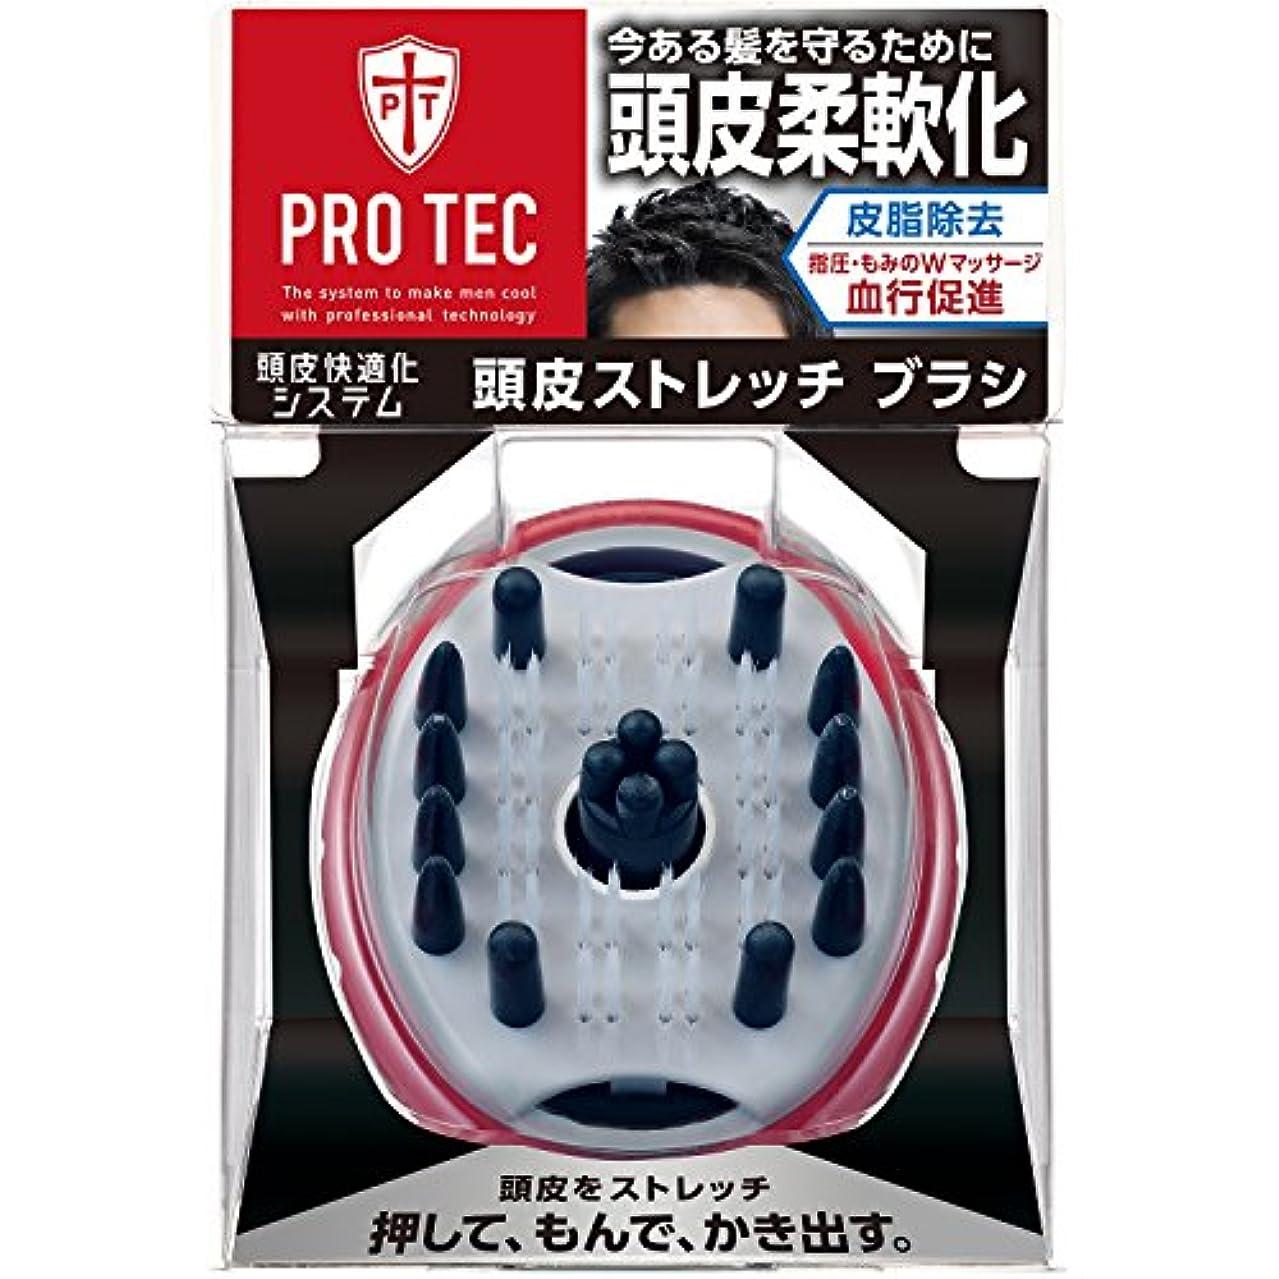 藤色成分謝罪PRO TEC(プロテク) ウォッシングブラシ 頭皮ストレッチタイプ